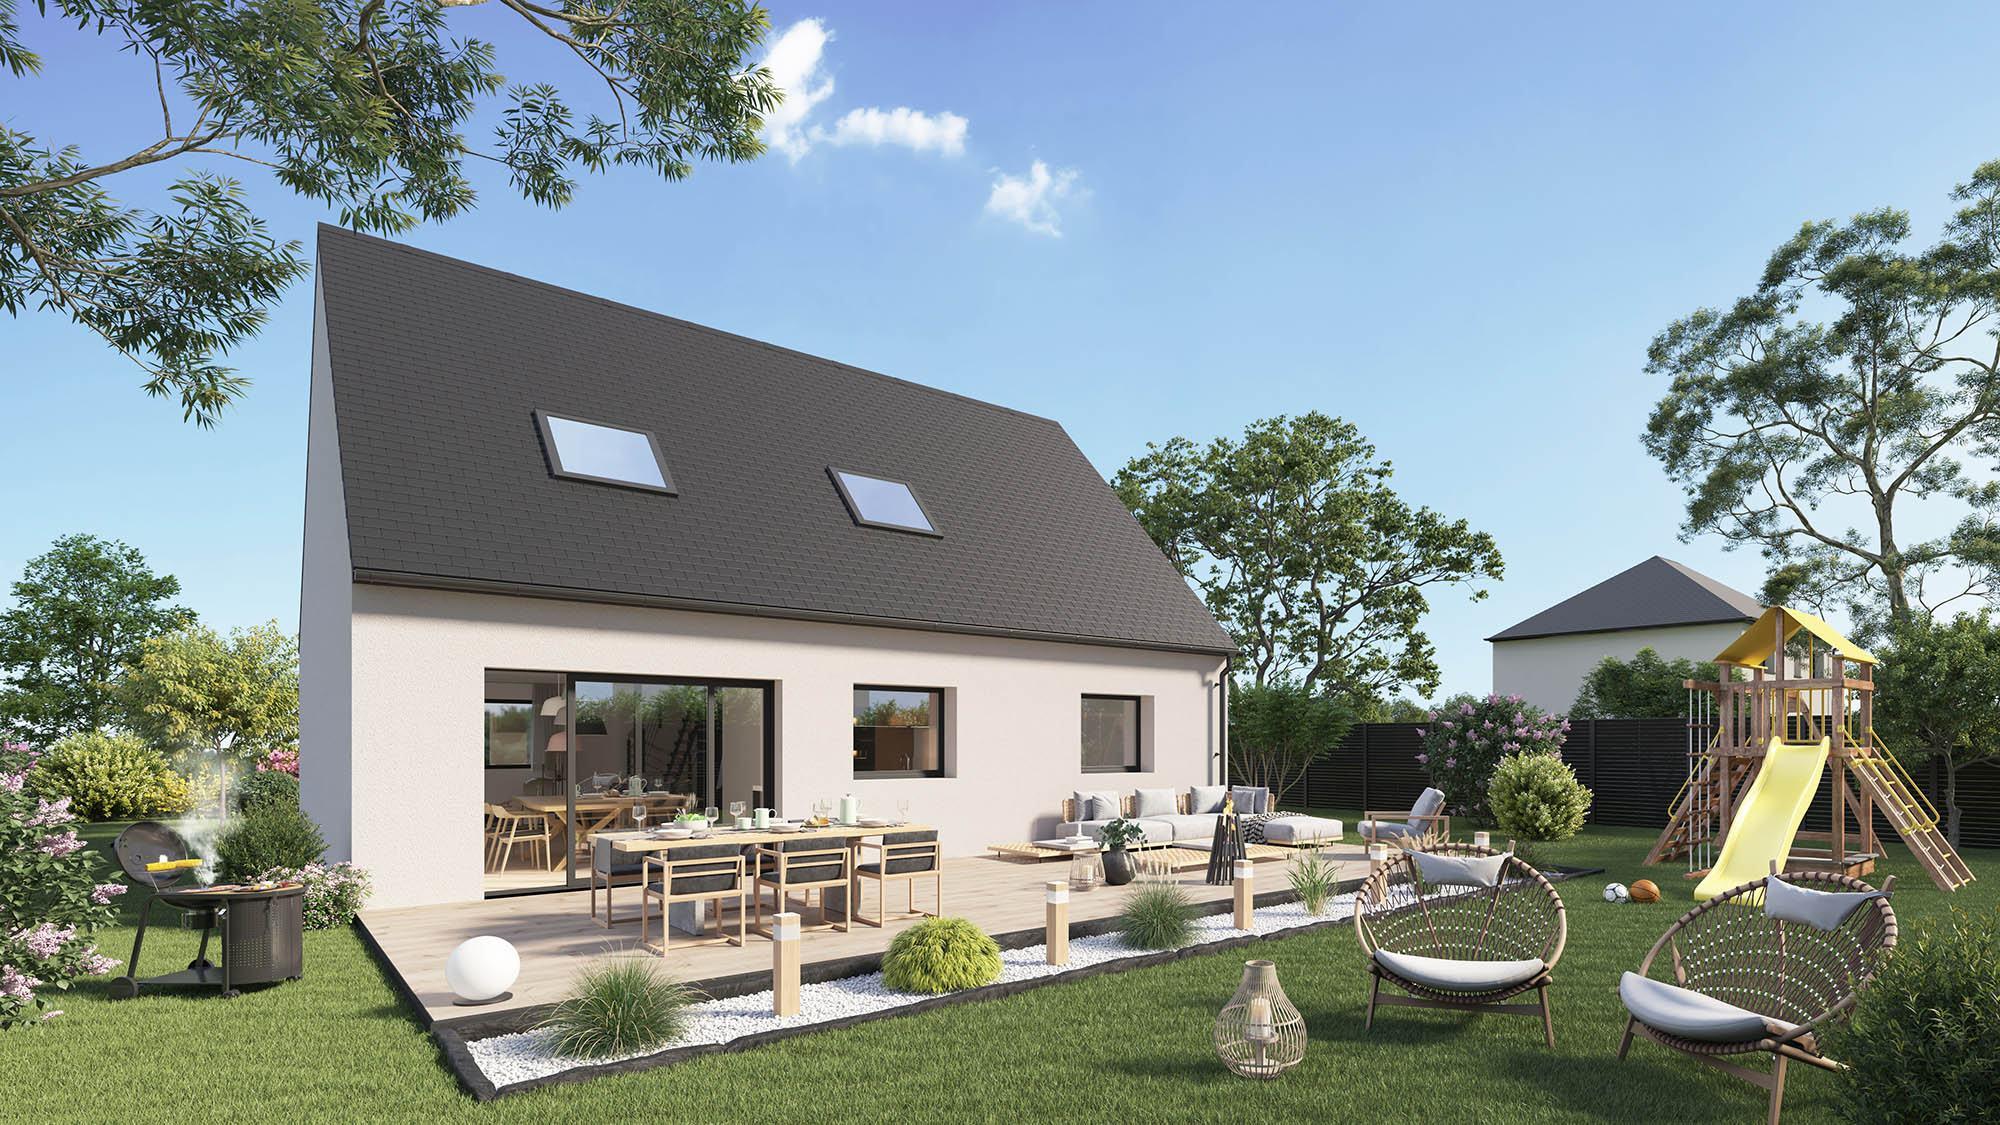 Maisons + Terrains du constructeur Maison Castor St Omer • 105 m² • BOLLEZEELE